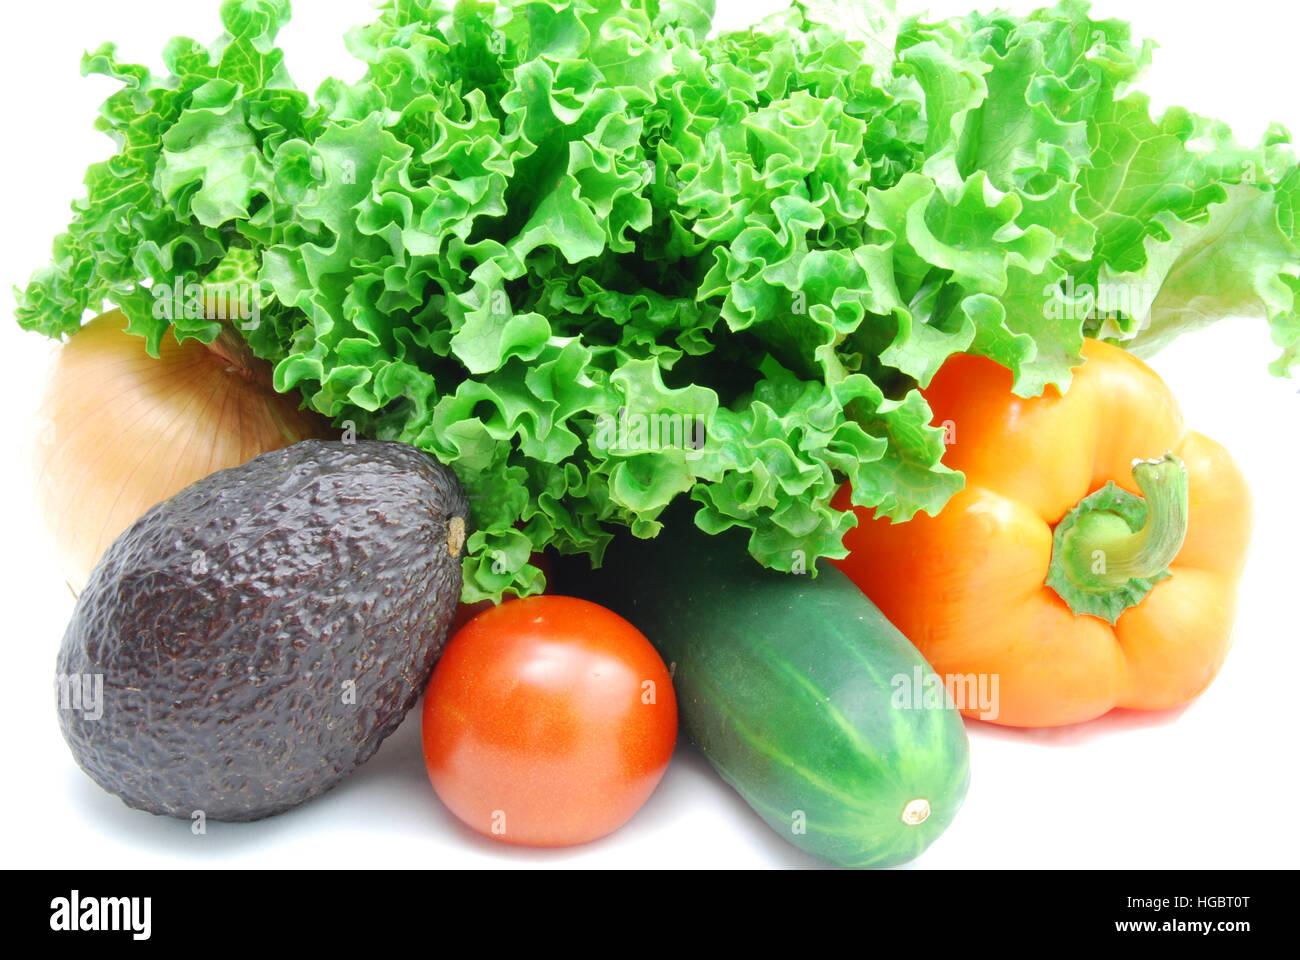 Frische Produkte für einen gesunden Salat. Kopfsalat, Tomaten, Avocado, Gurke, Paprika und Zwiebeln. Stockbild